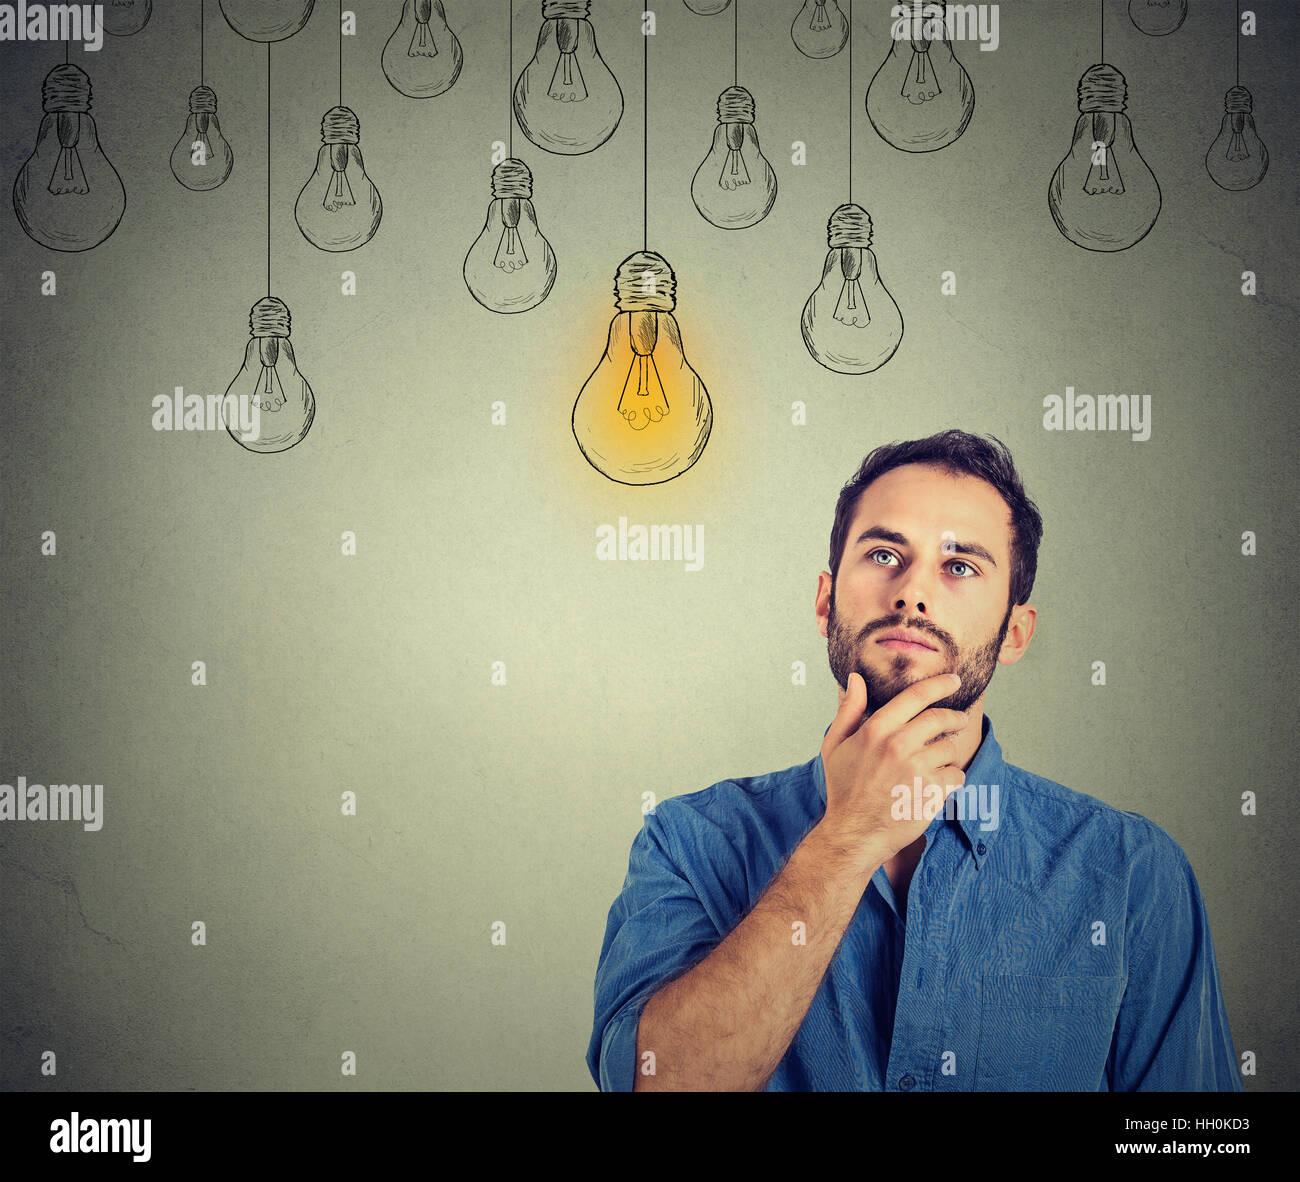 Porträt denken gut aussehender Mann blickte mit Idee Glühbirne über Kopf auf graue Wand Hintergrund Stockbild